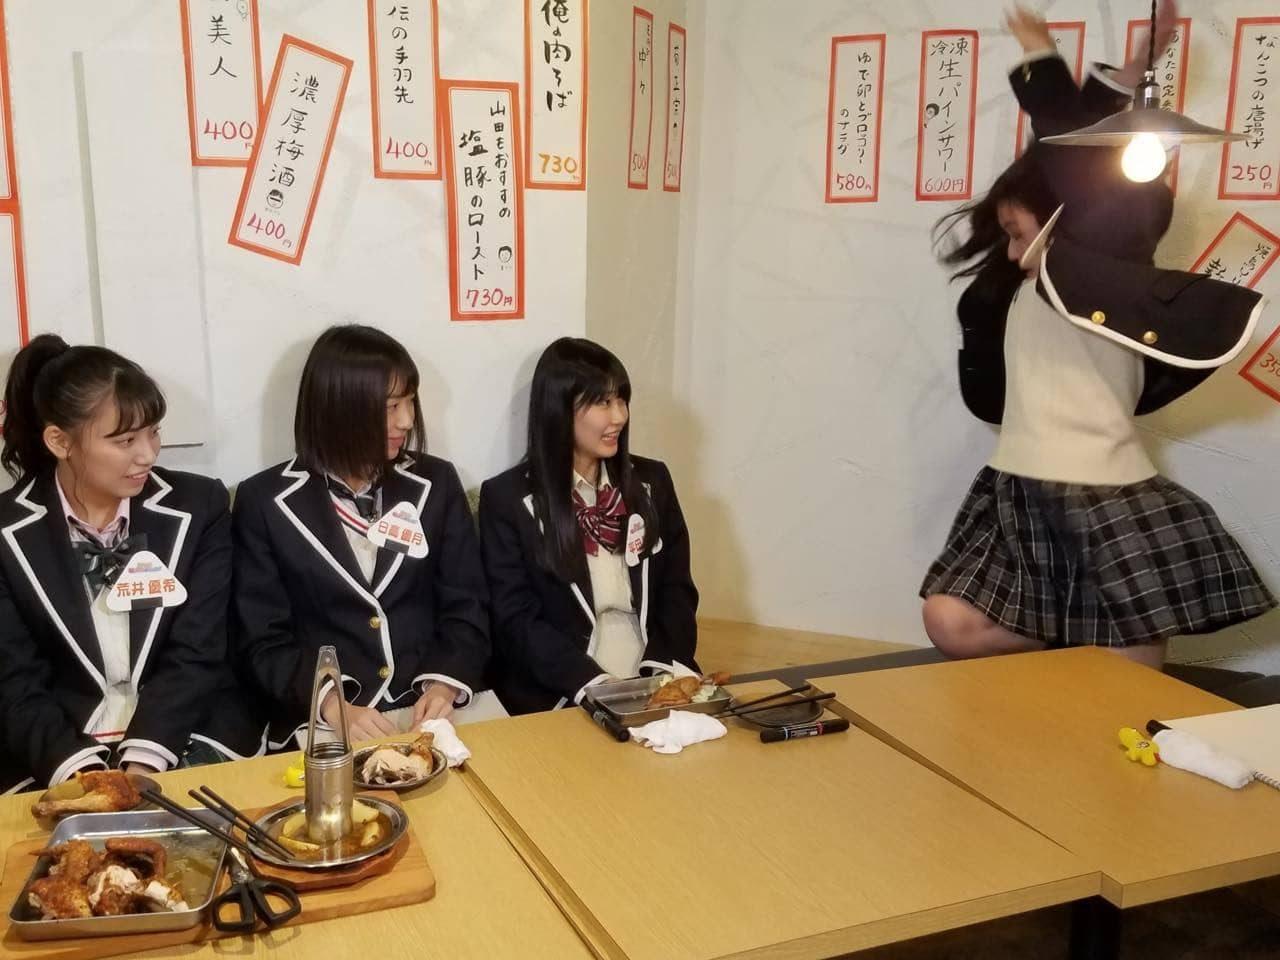 東海テレビ「SKE48 むすびのイチバン!」名古屋で話題のチキングルメを独自調査! [2/5 24:25~]